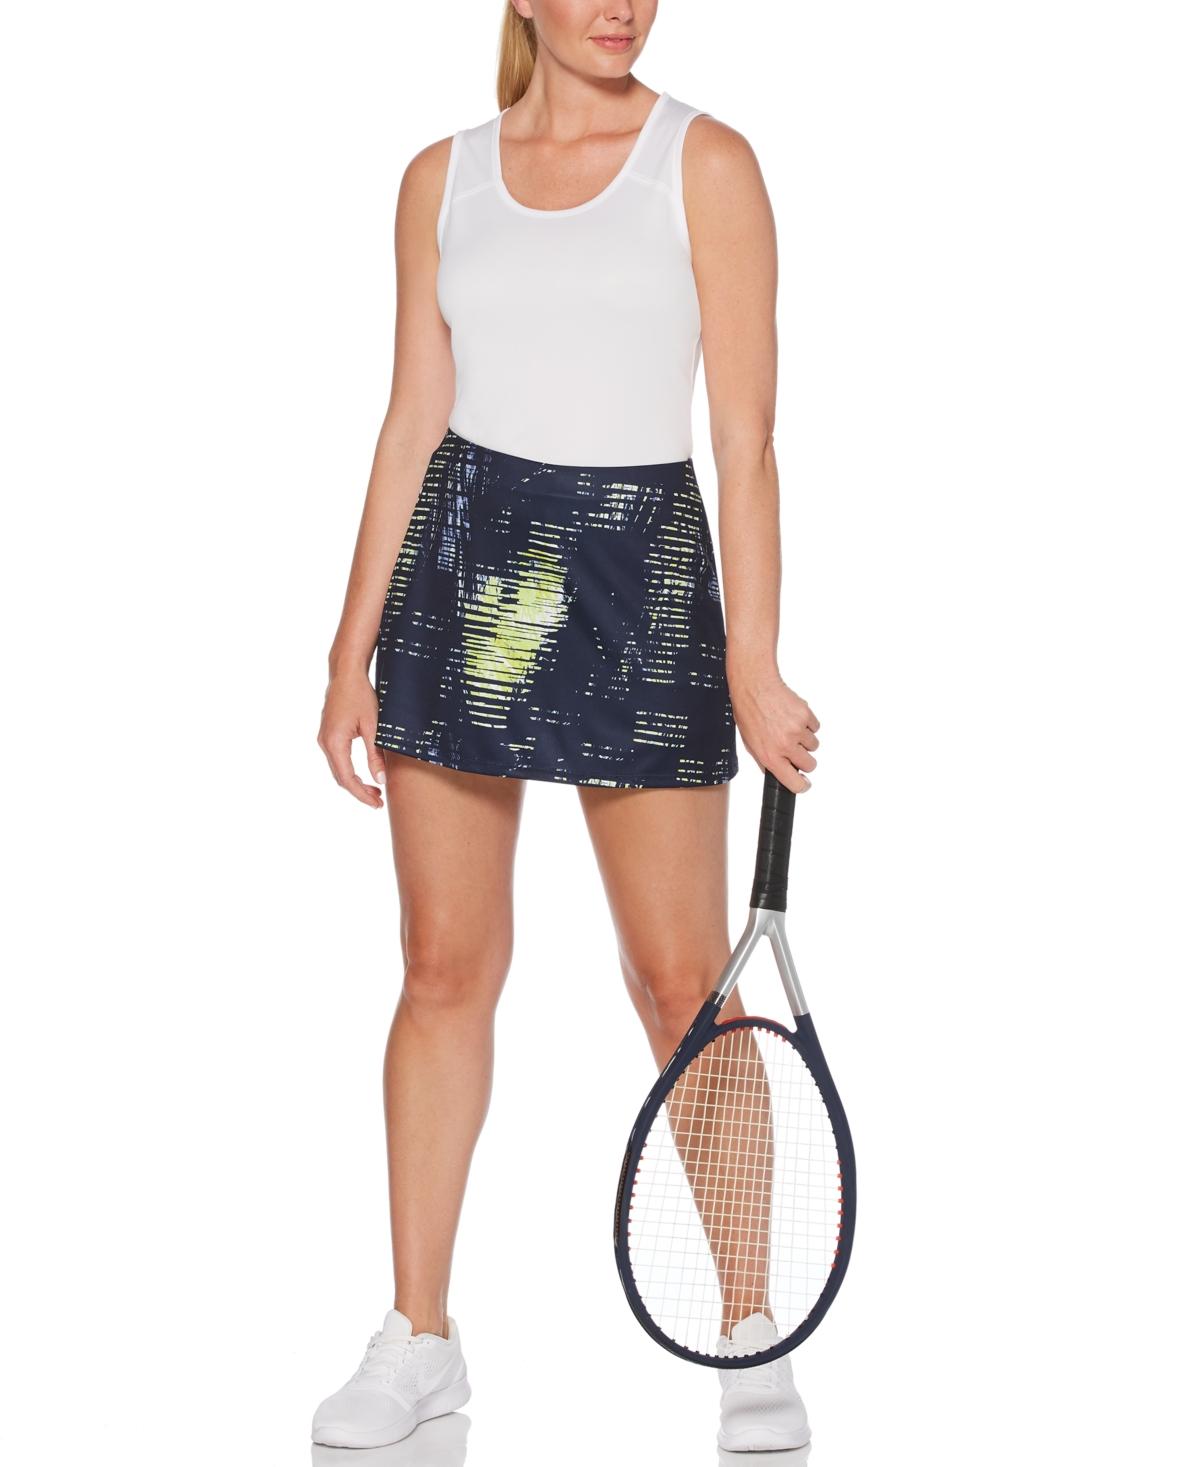 Grand Slam Women's Cutout-Back Tennis Tank Top